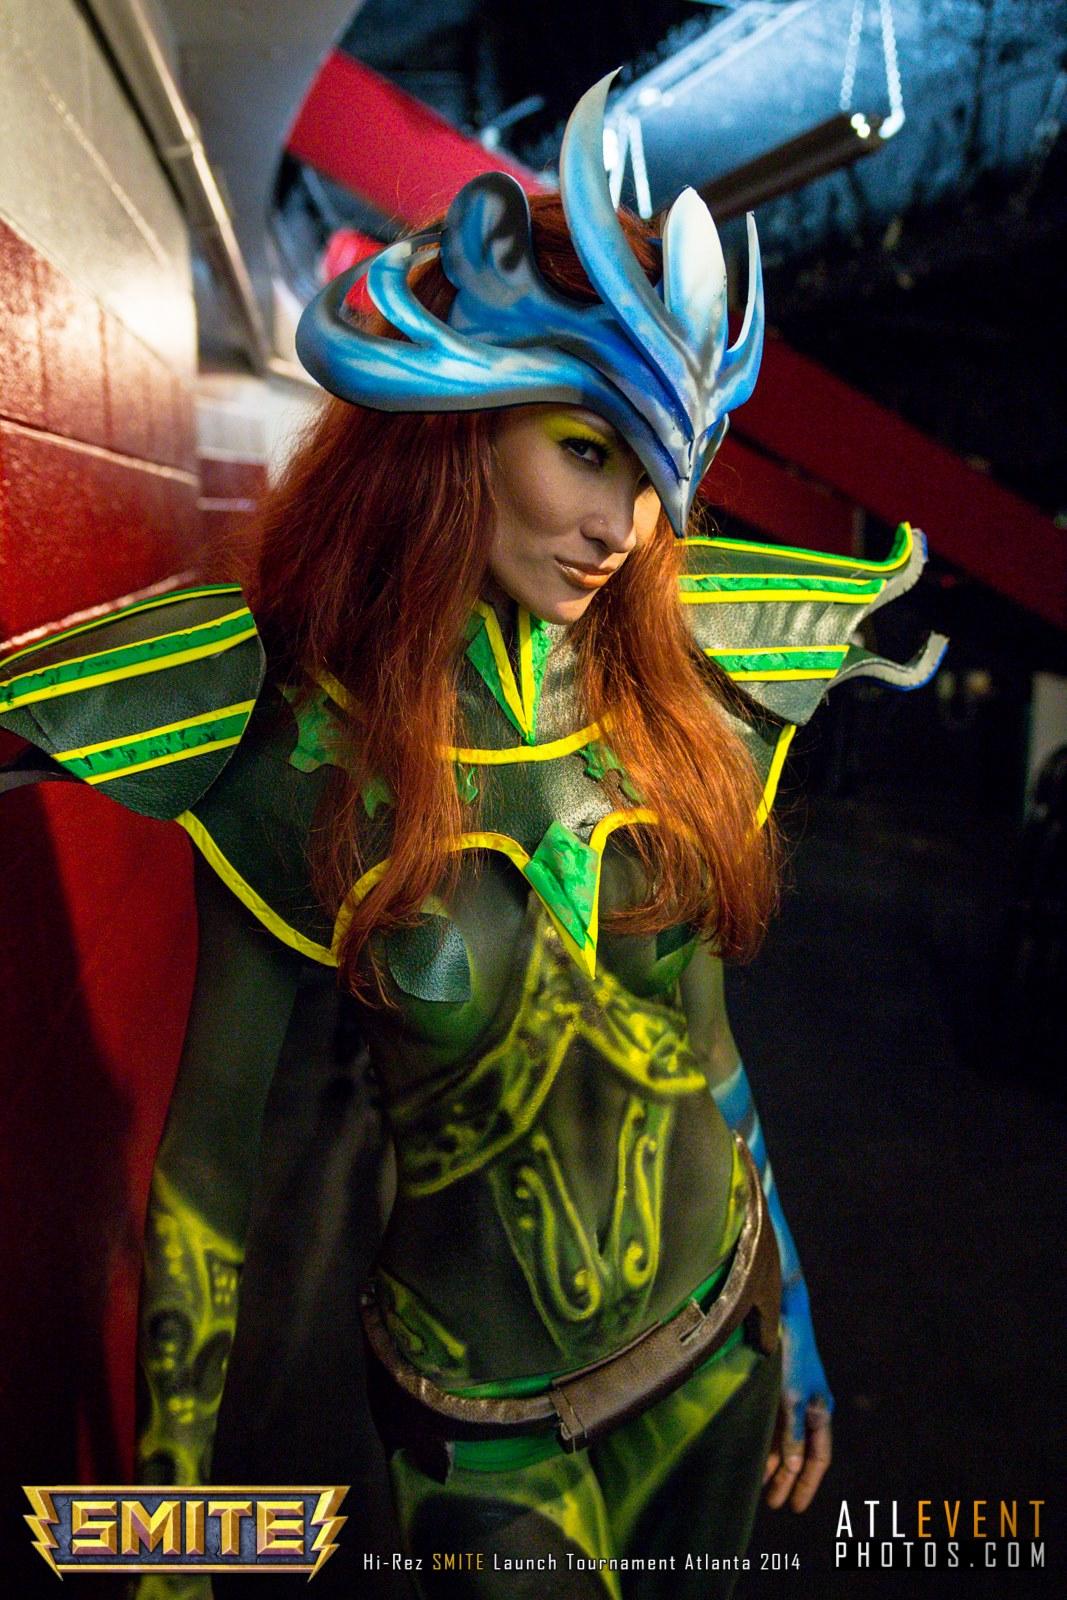 Ngắm cosplay tại SMITE Launch Tournament - Ảnh 8